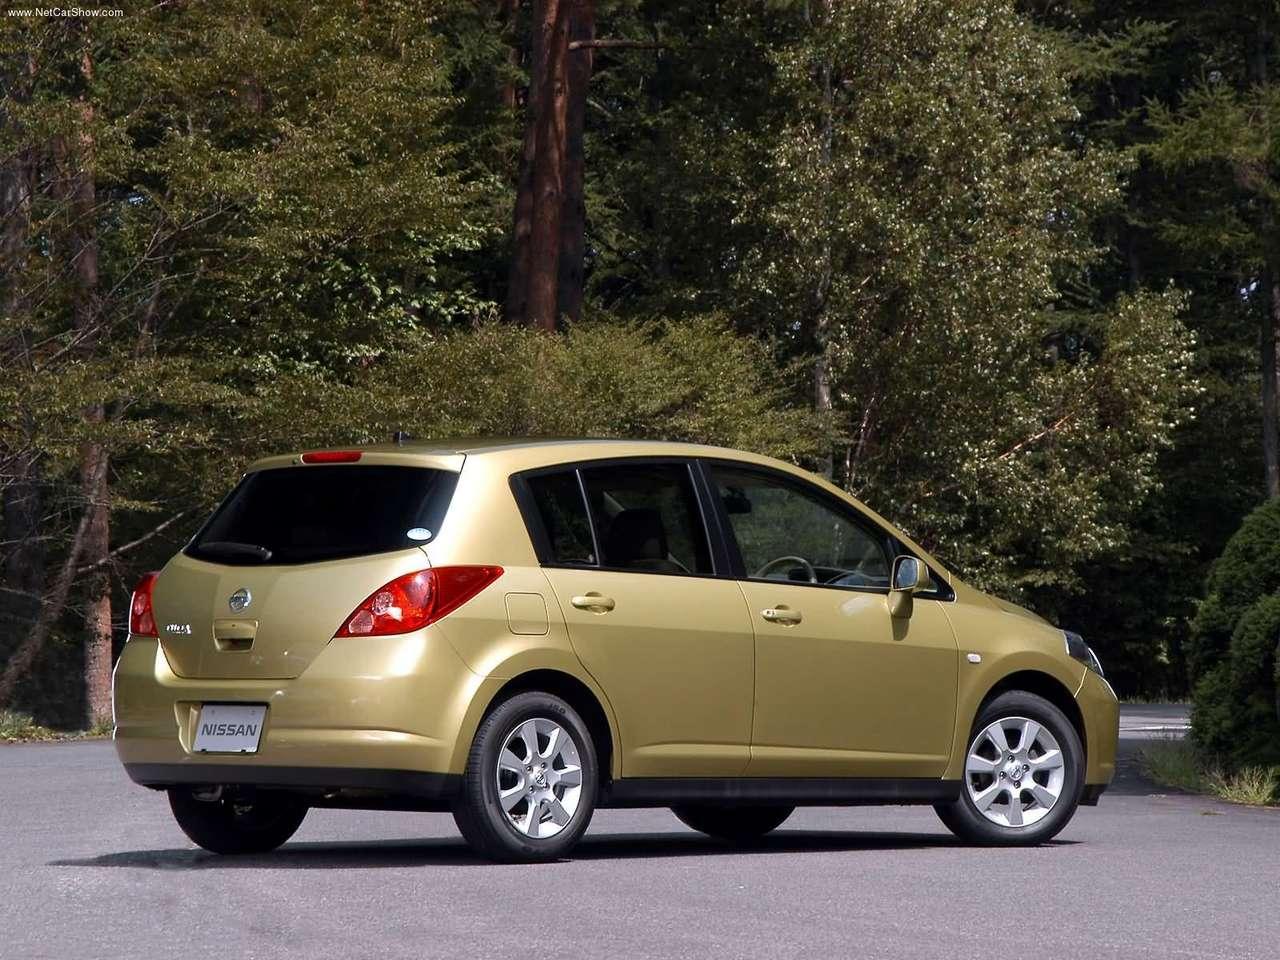 http://3.bp.blogspot.com/-RvHCIjvlyJU/TXtImIuR0dI/AAAAAAAAFaQ/1Jv9XEhzEJM/s1600/Nissan-Tiida_2004_1280x960_wallpaper_04.jpg